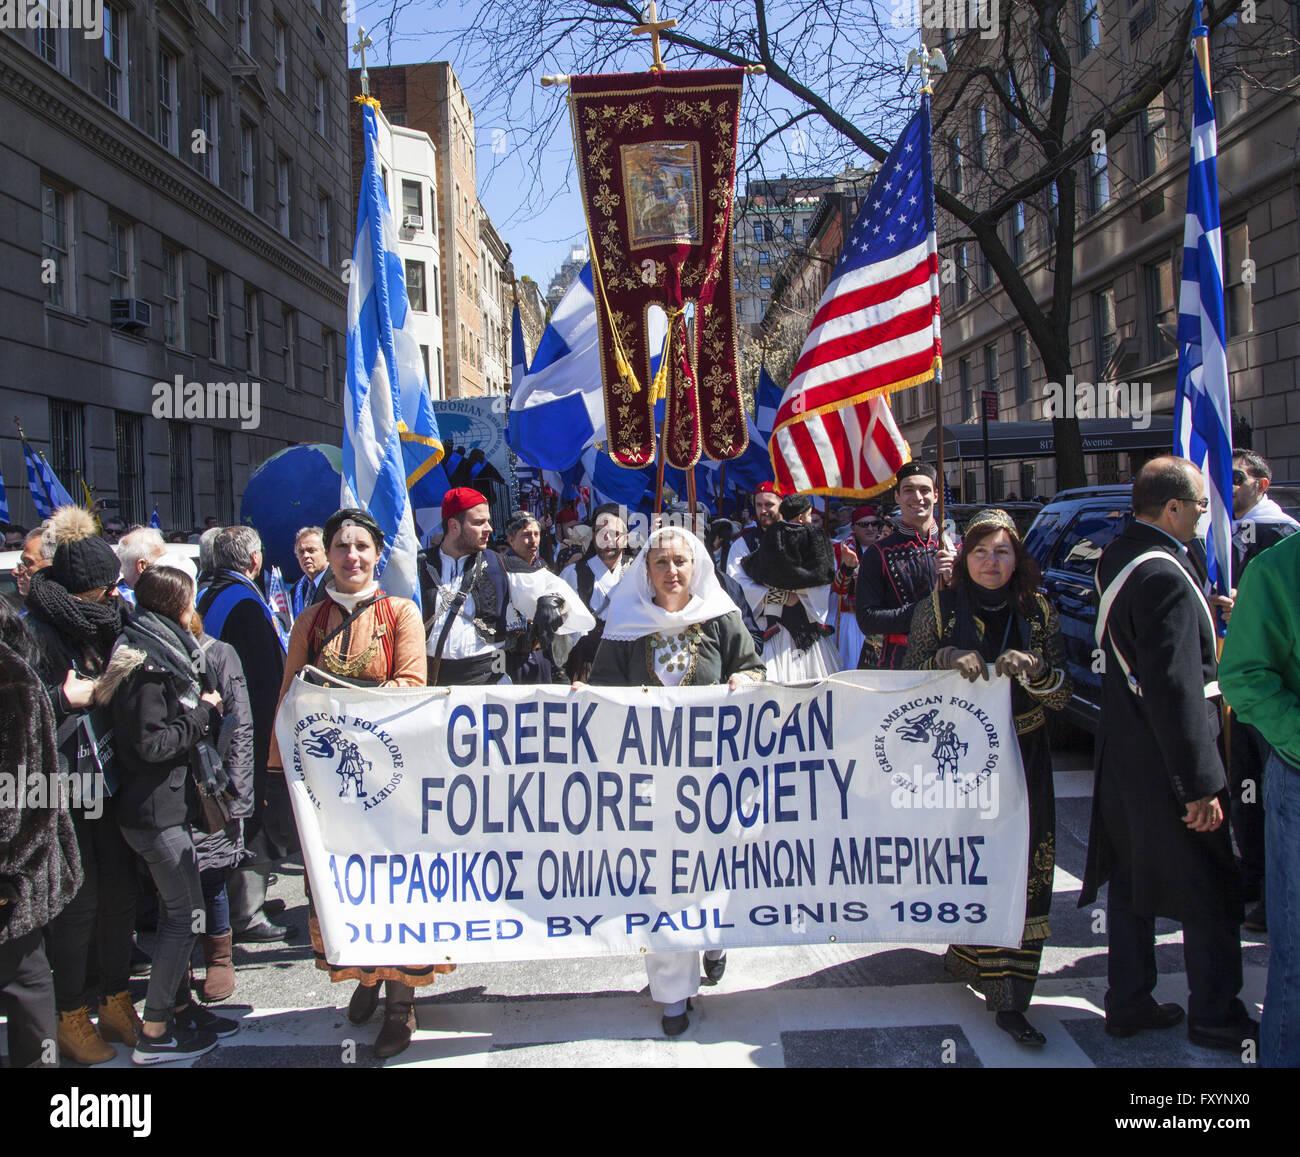 Desfile del Día de la independencia de Grecia, la ciudad de Nueva York. Los miembros de la sociedad American Imagen De Stock